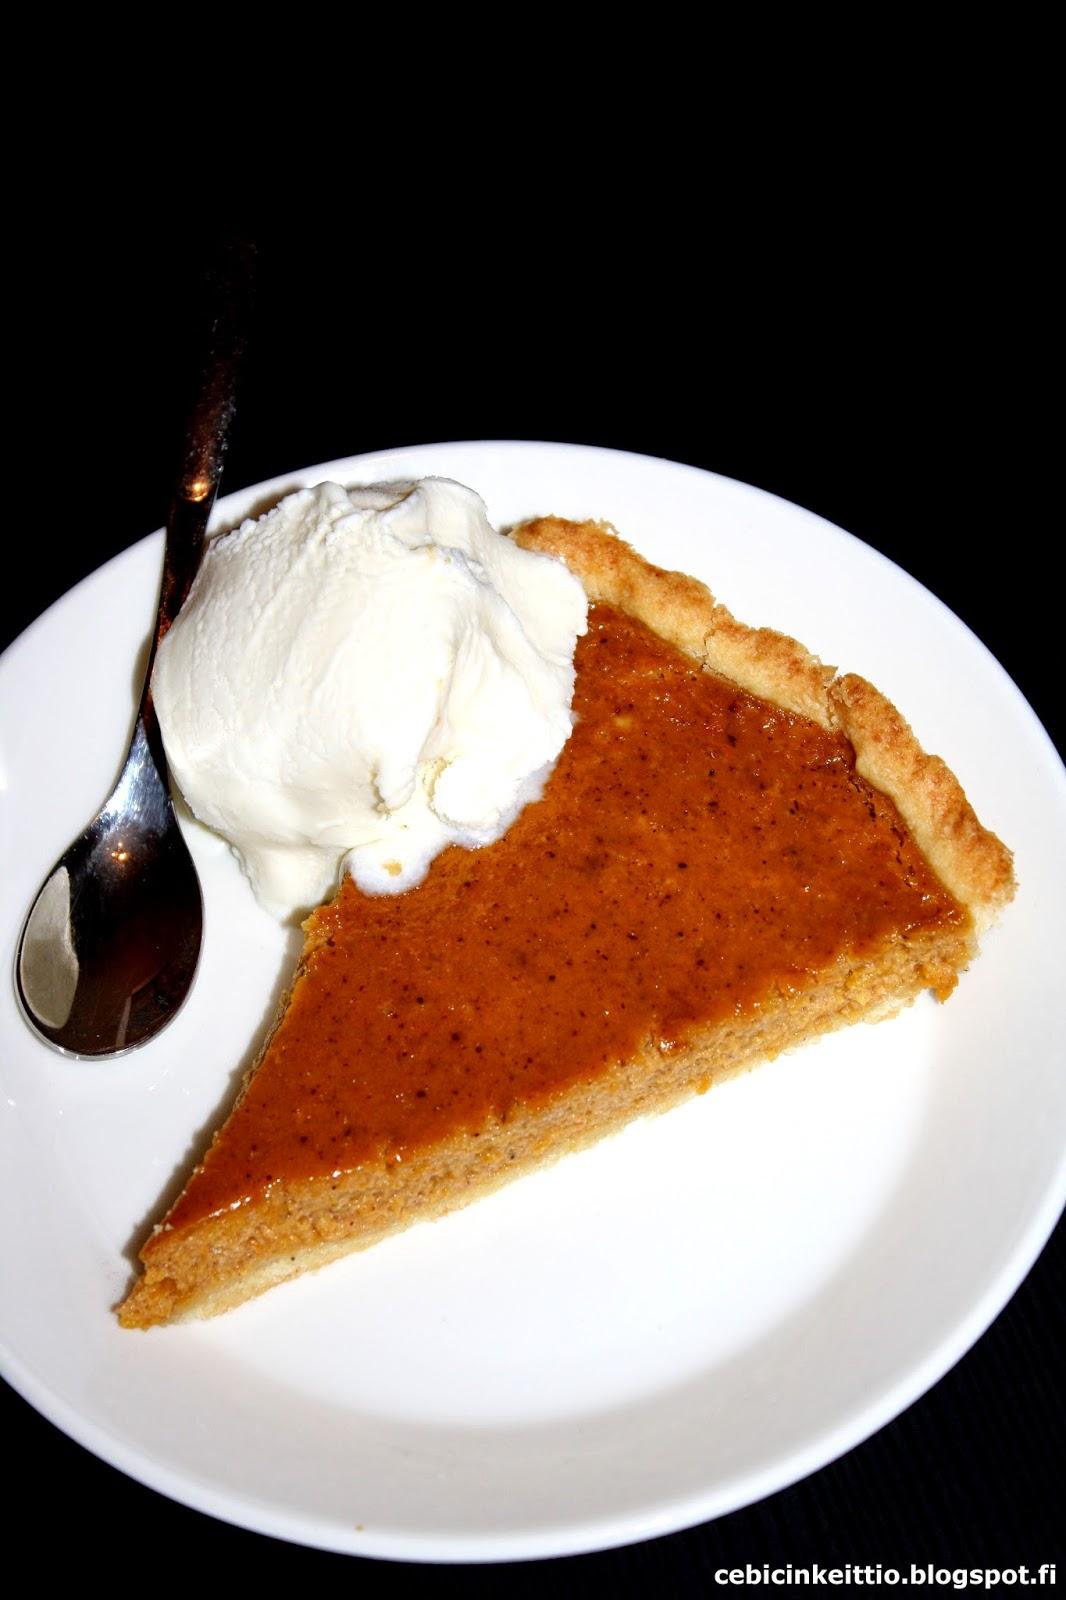 Cebicin keittiössä Kurpitsapiirakka (Pumpkin pie)